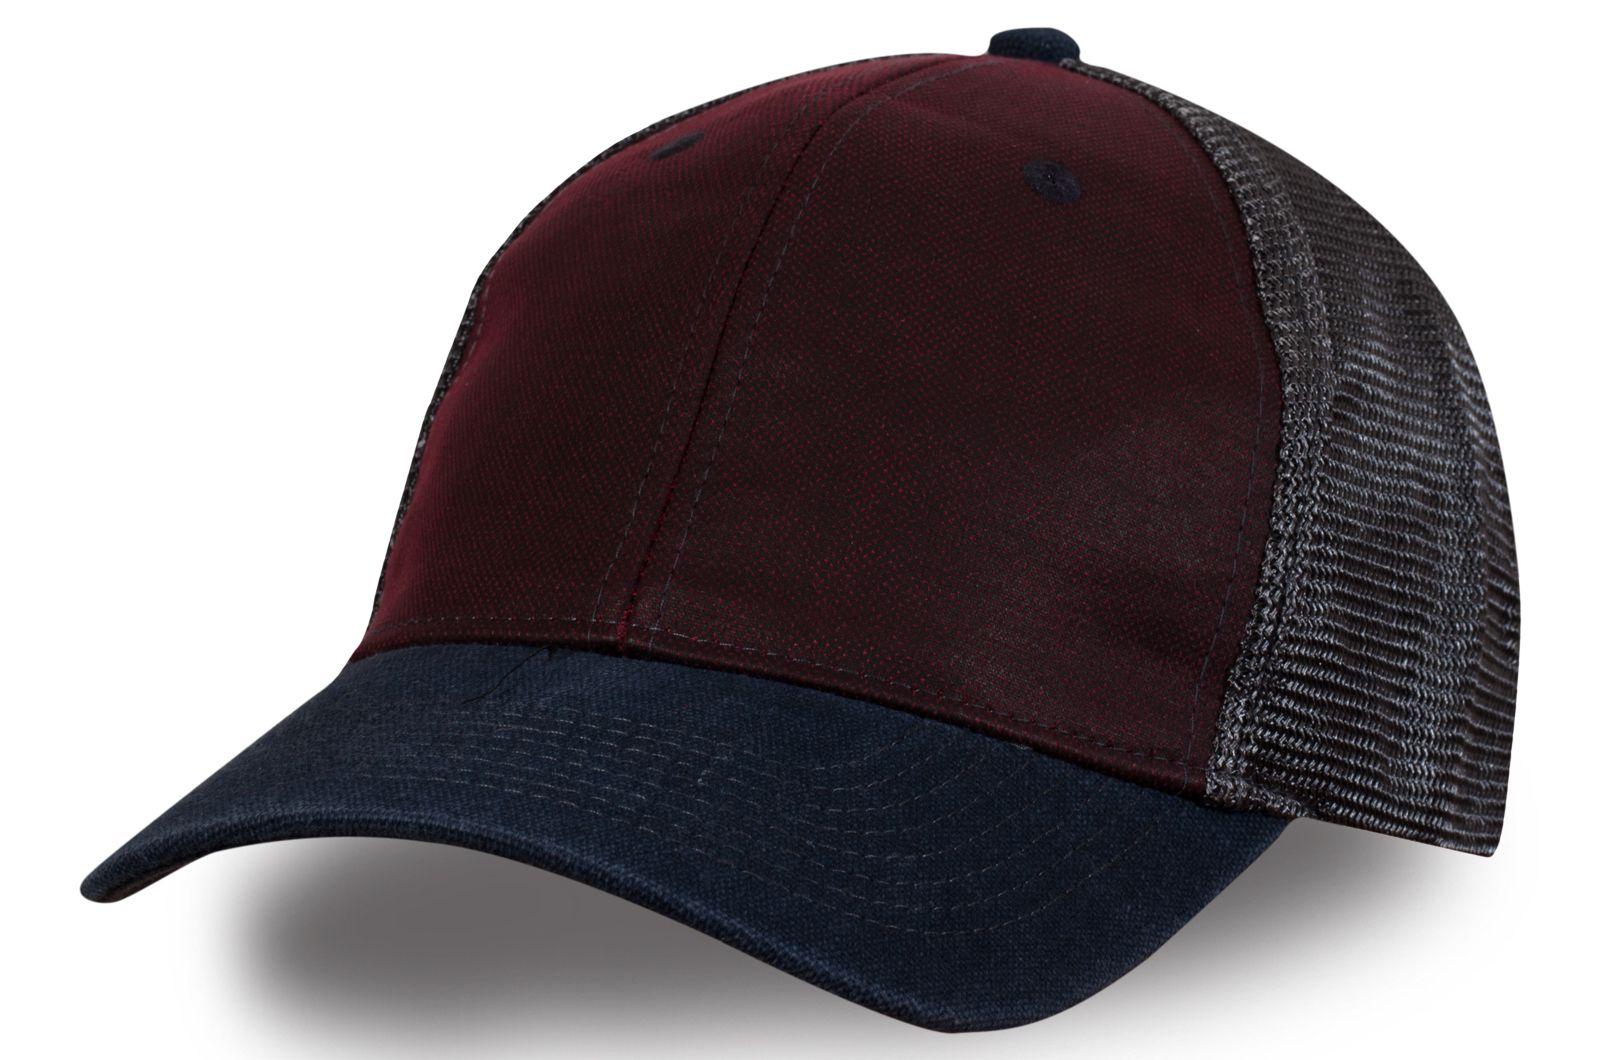 Бейсболка сине-коричневая | Купить мужские бейсболки по выгодной цене